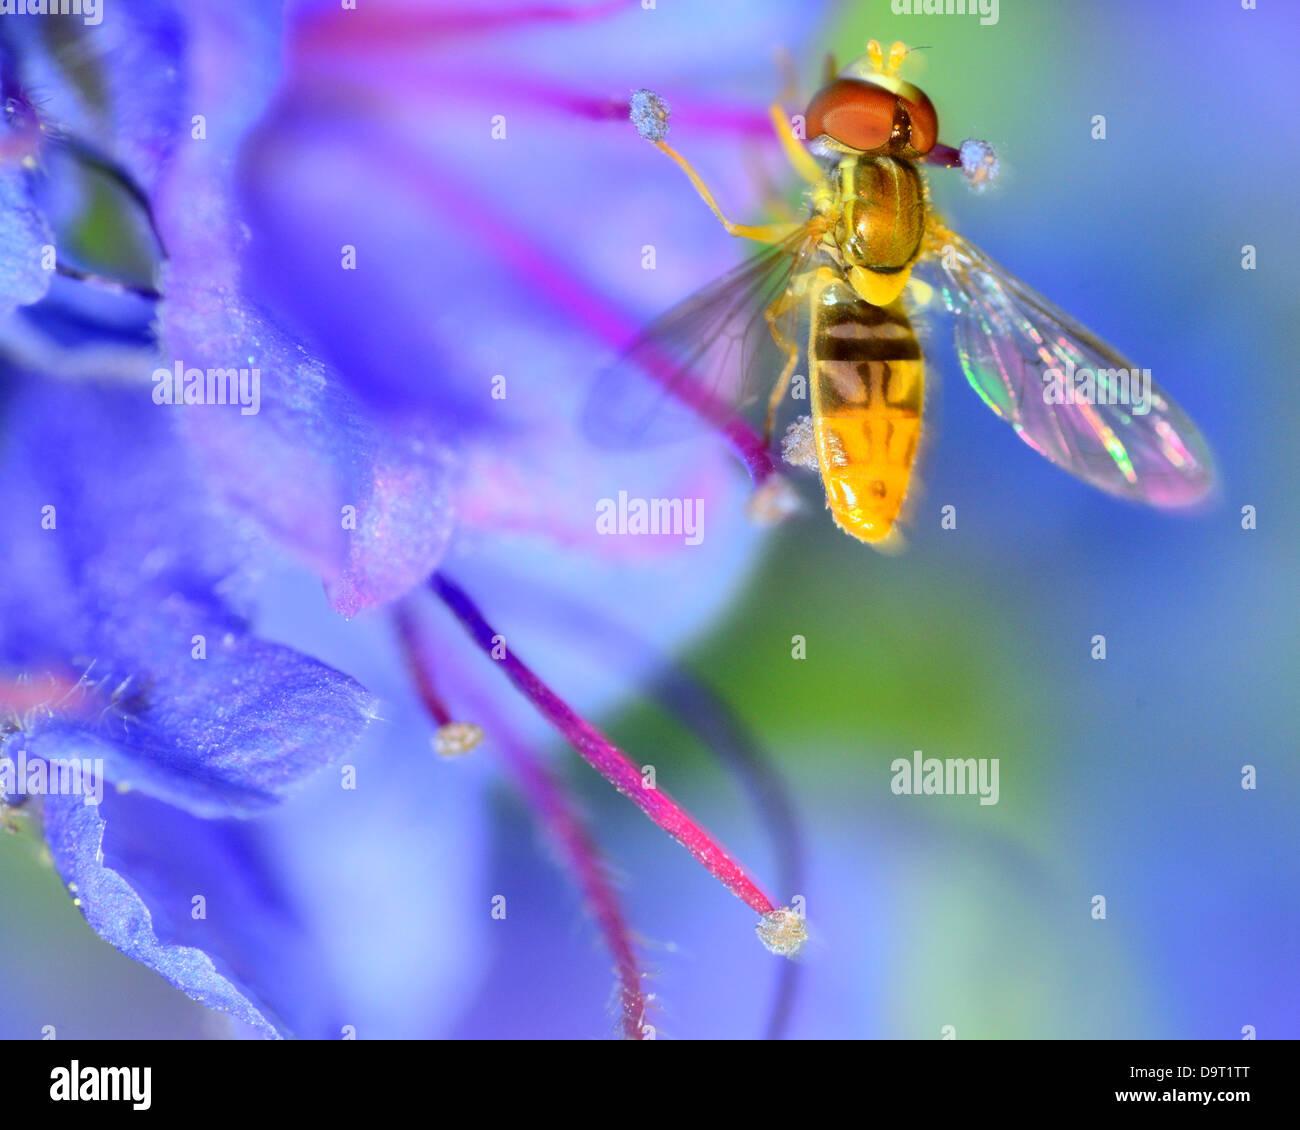 Hoverfly empoleirada sobre uma flor recolhendo pólen. Imagens de Stock